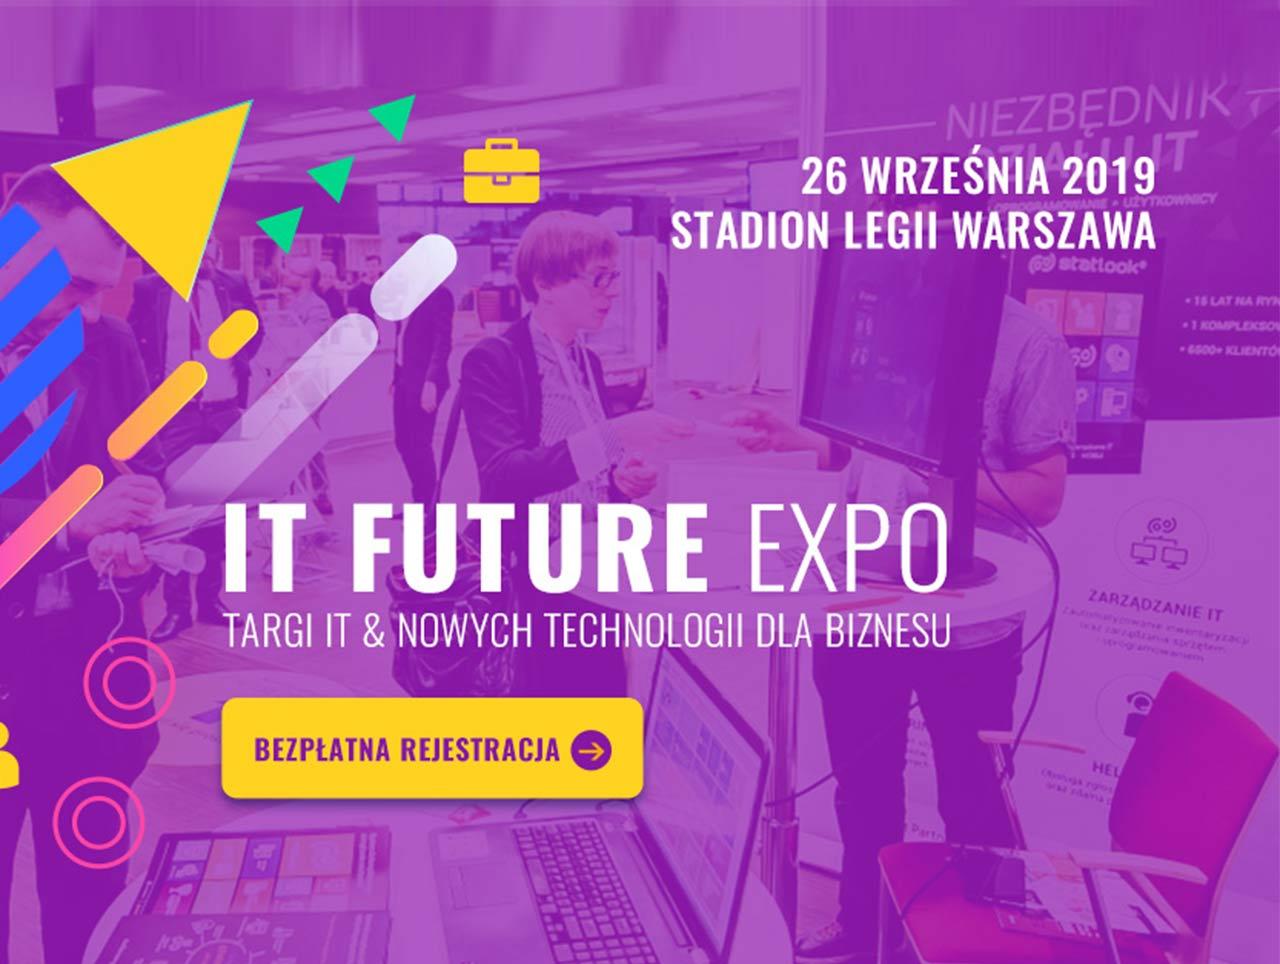 VII Targi IT Future Expo – rozwijaj firmę dzięki nowym technologiom i wyprzedź konkurencję!